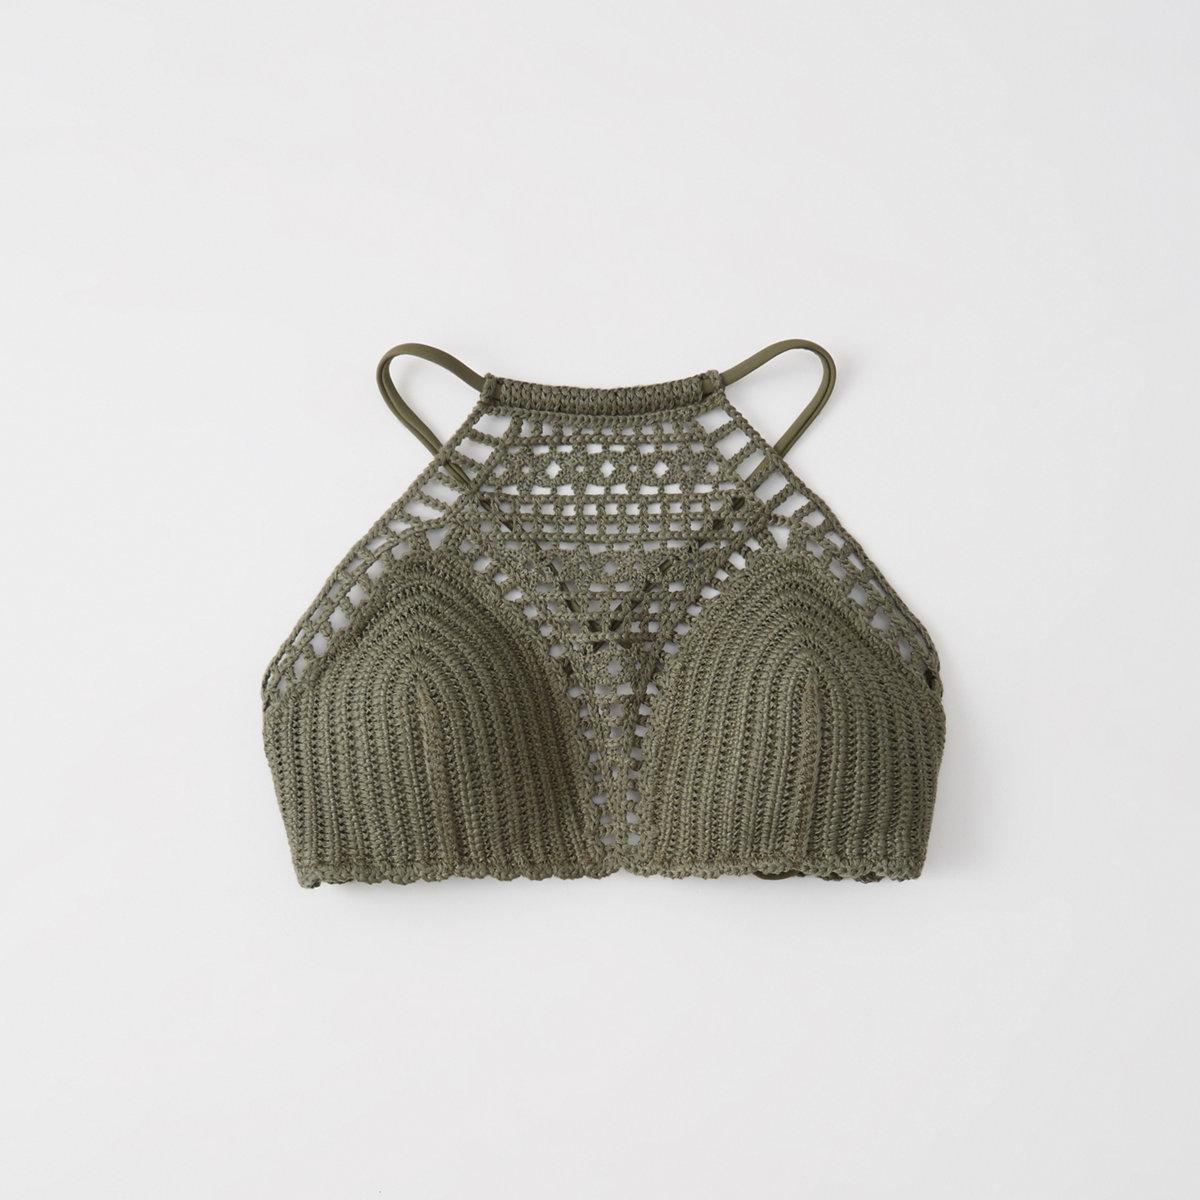 Crochet High-Neck Bikini Top